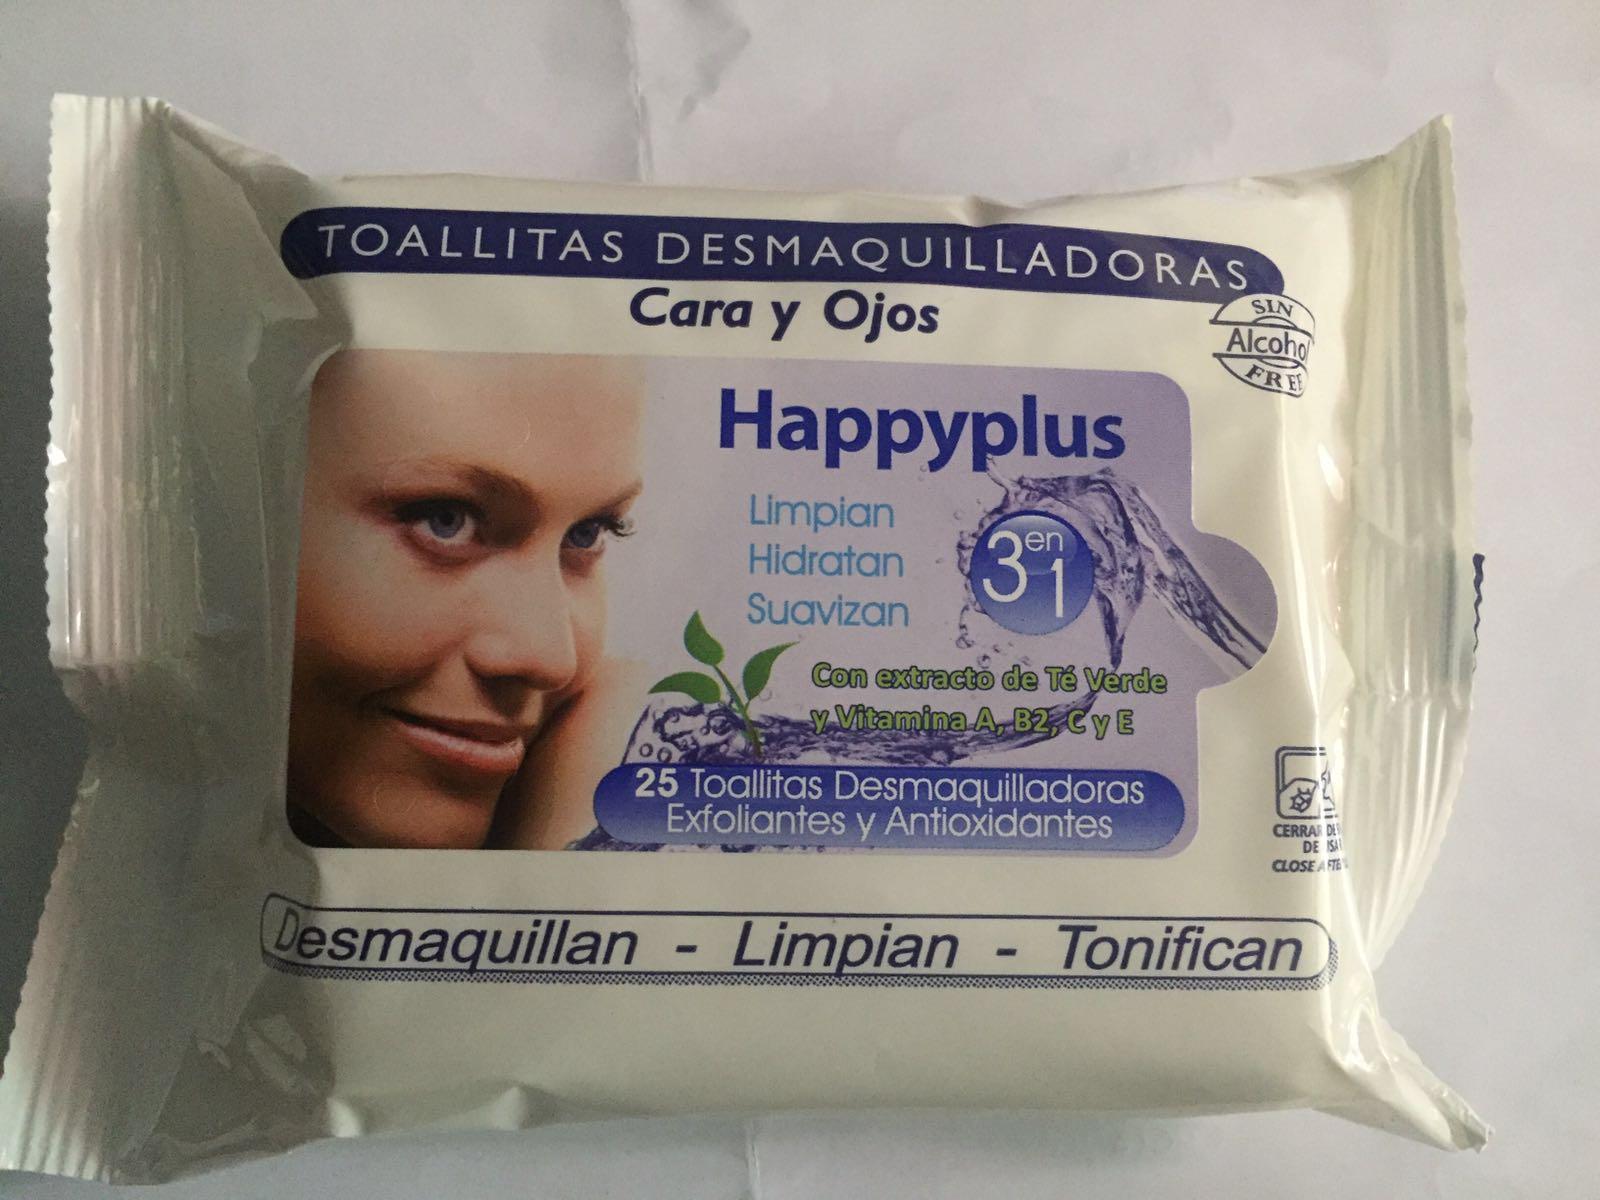 Toallitas desmaquillantes happyplus